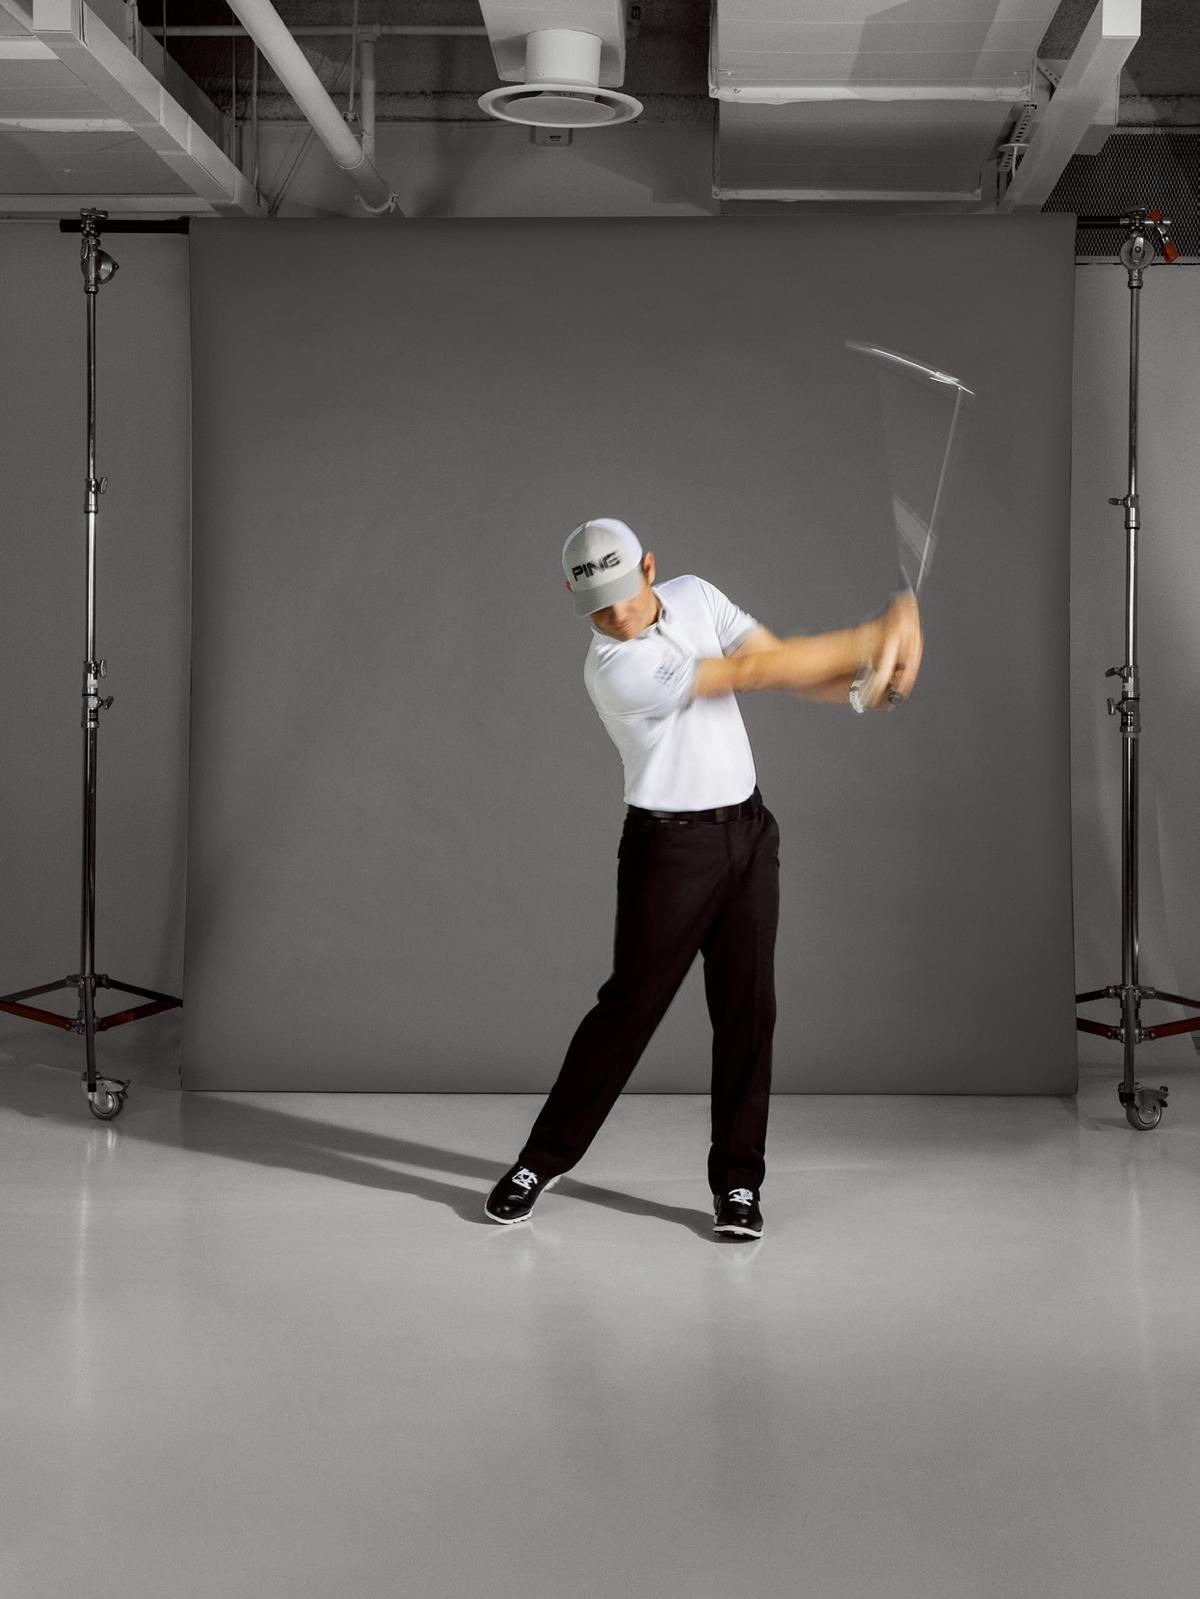 路易.歐修森的開球基本功 - 開球 - GolfDigest高爾夫文摘